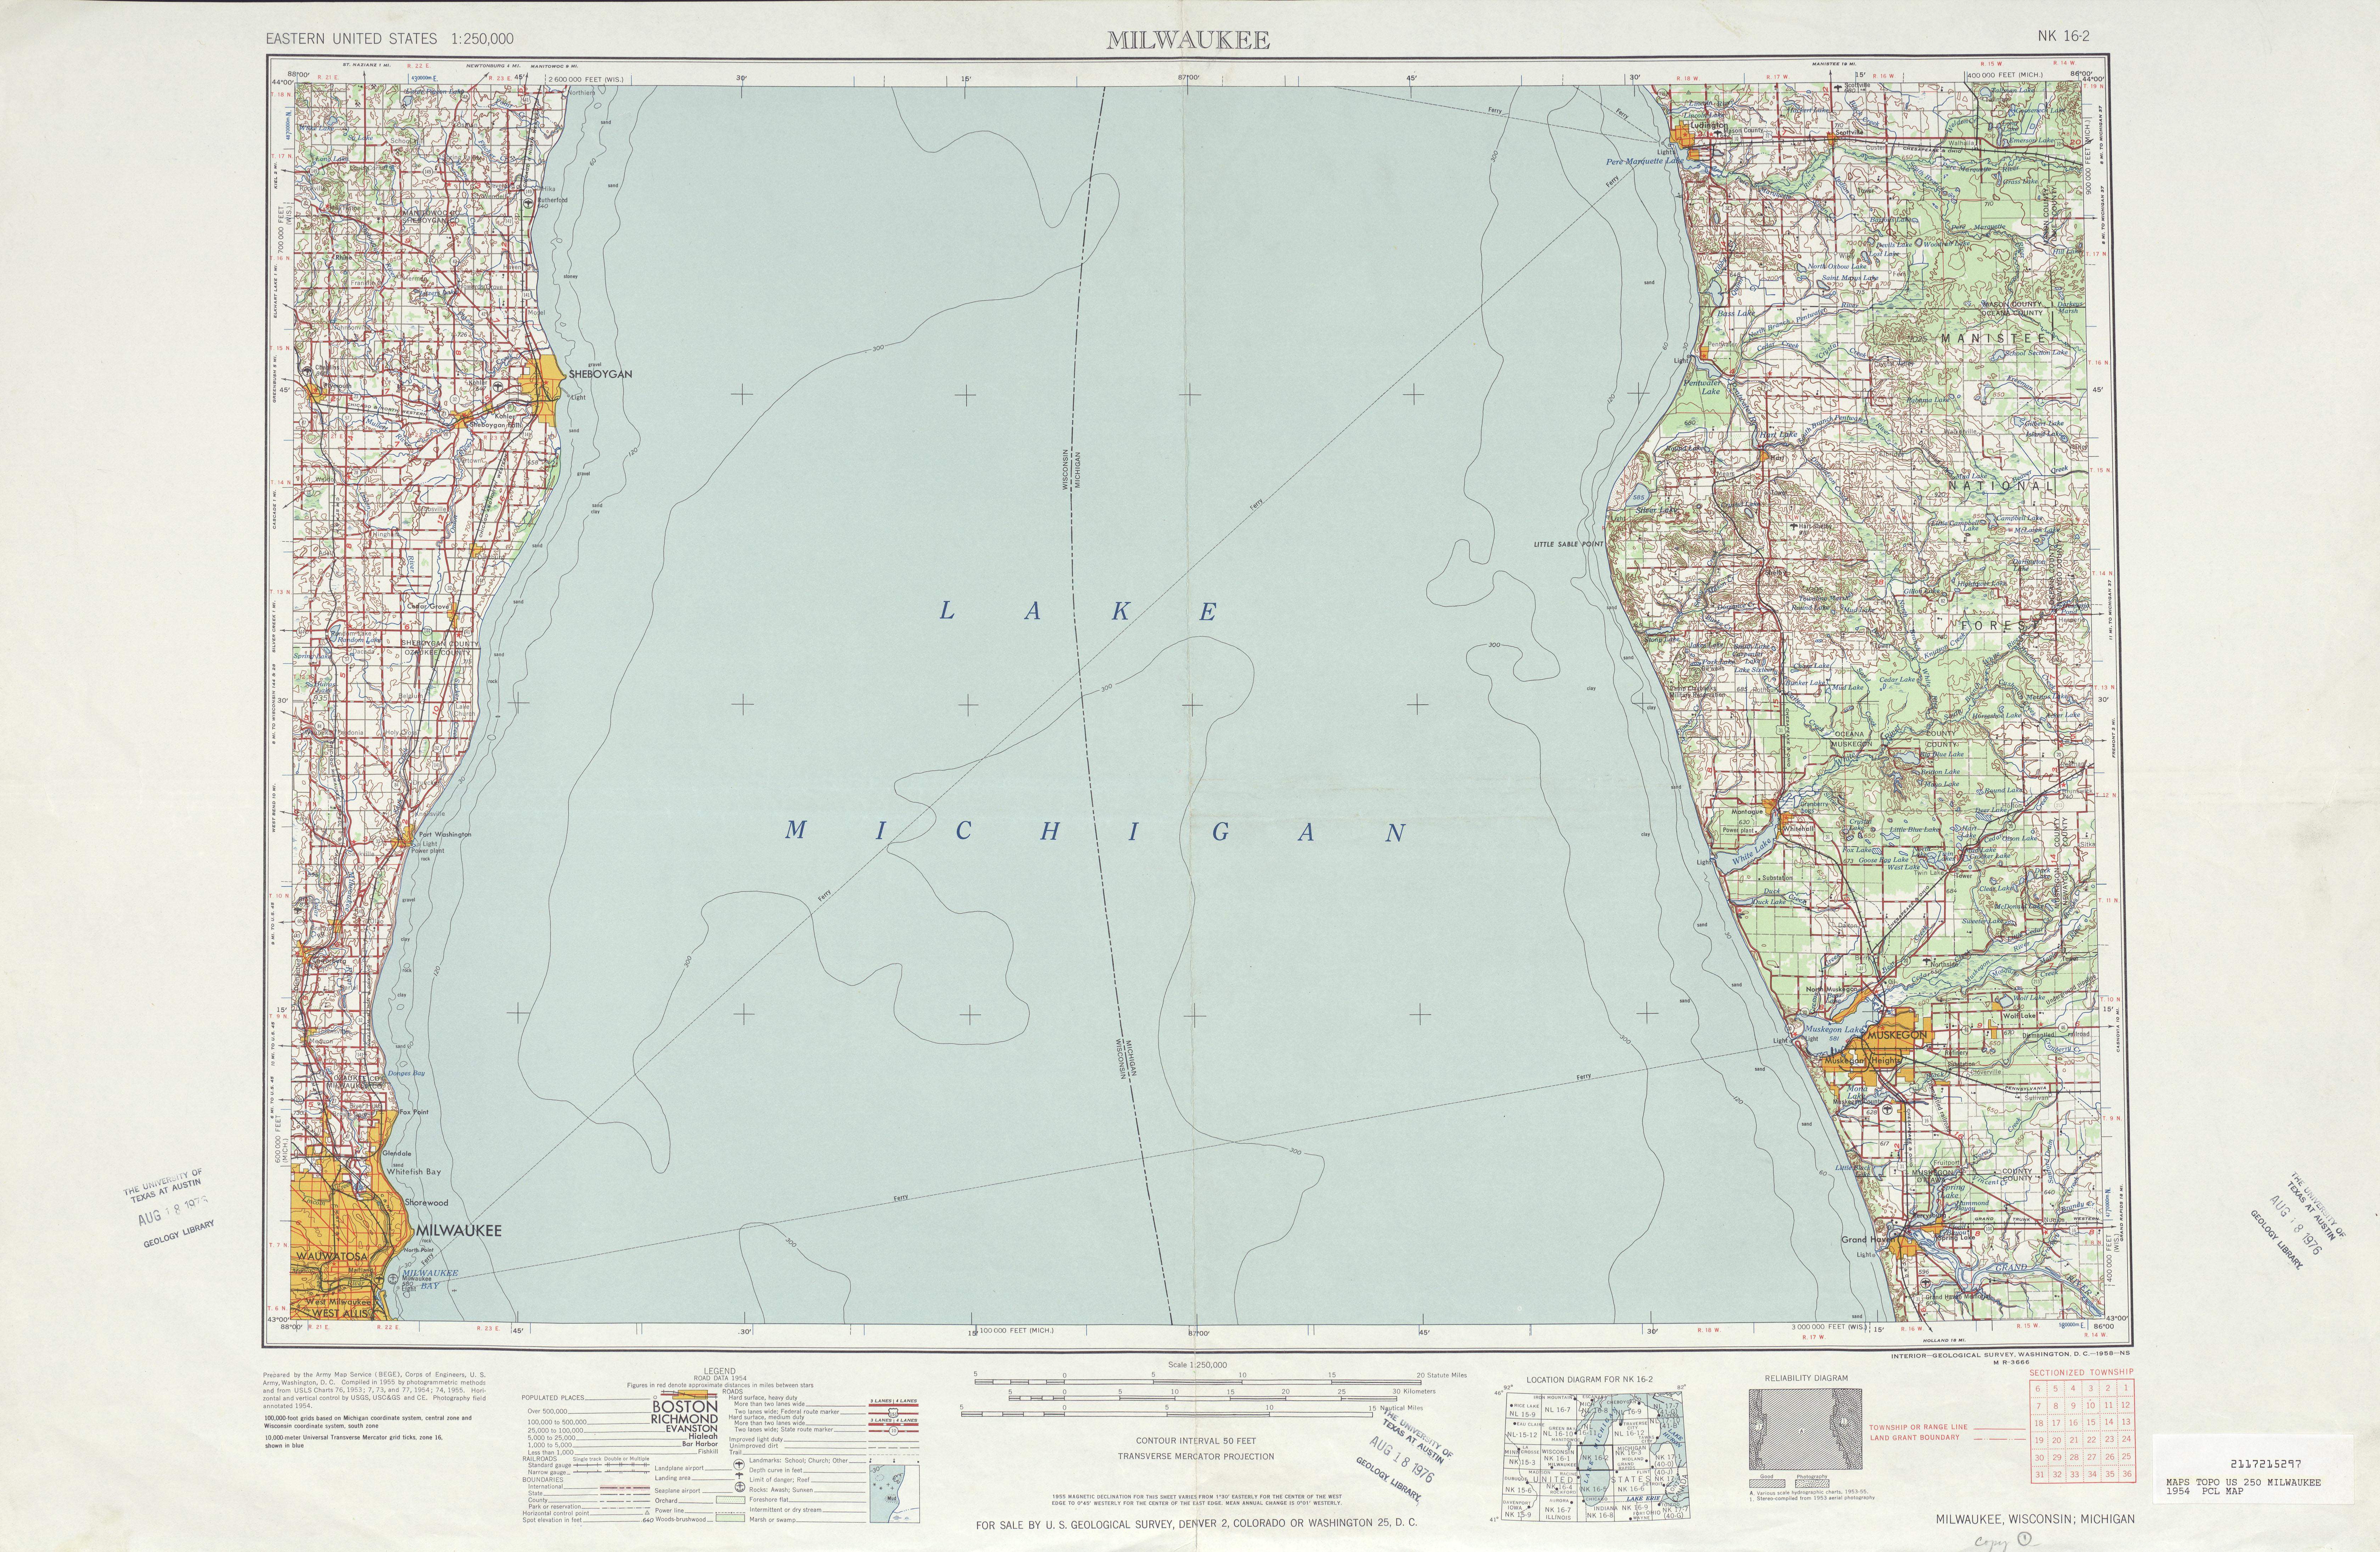 Hoja Milwaukee del Mapa Topográfico de los Estados Unidos 1954